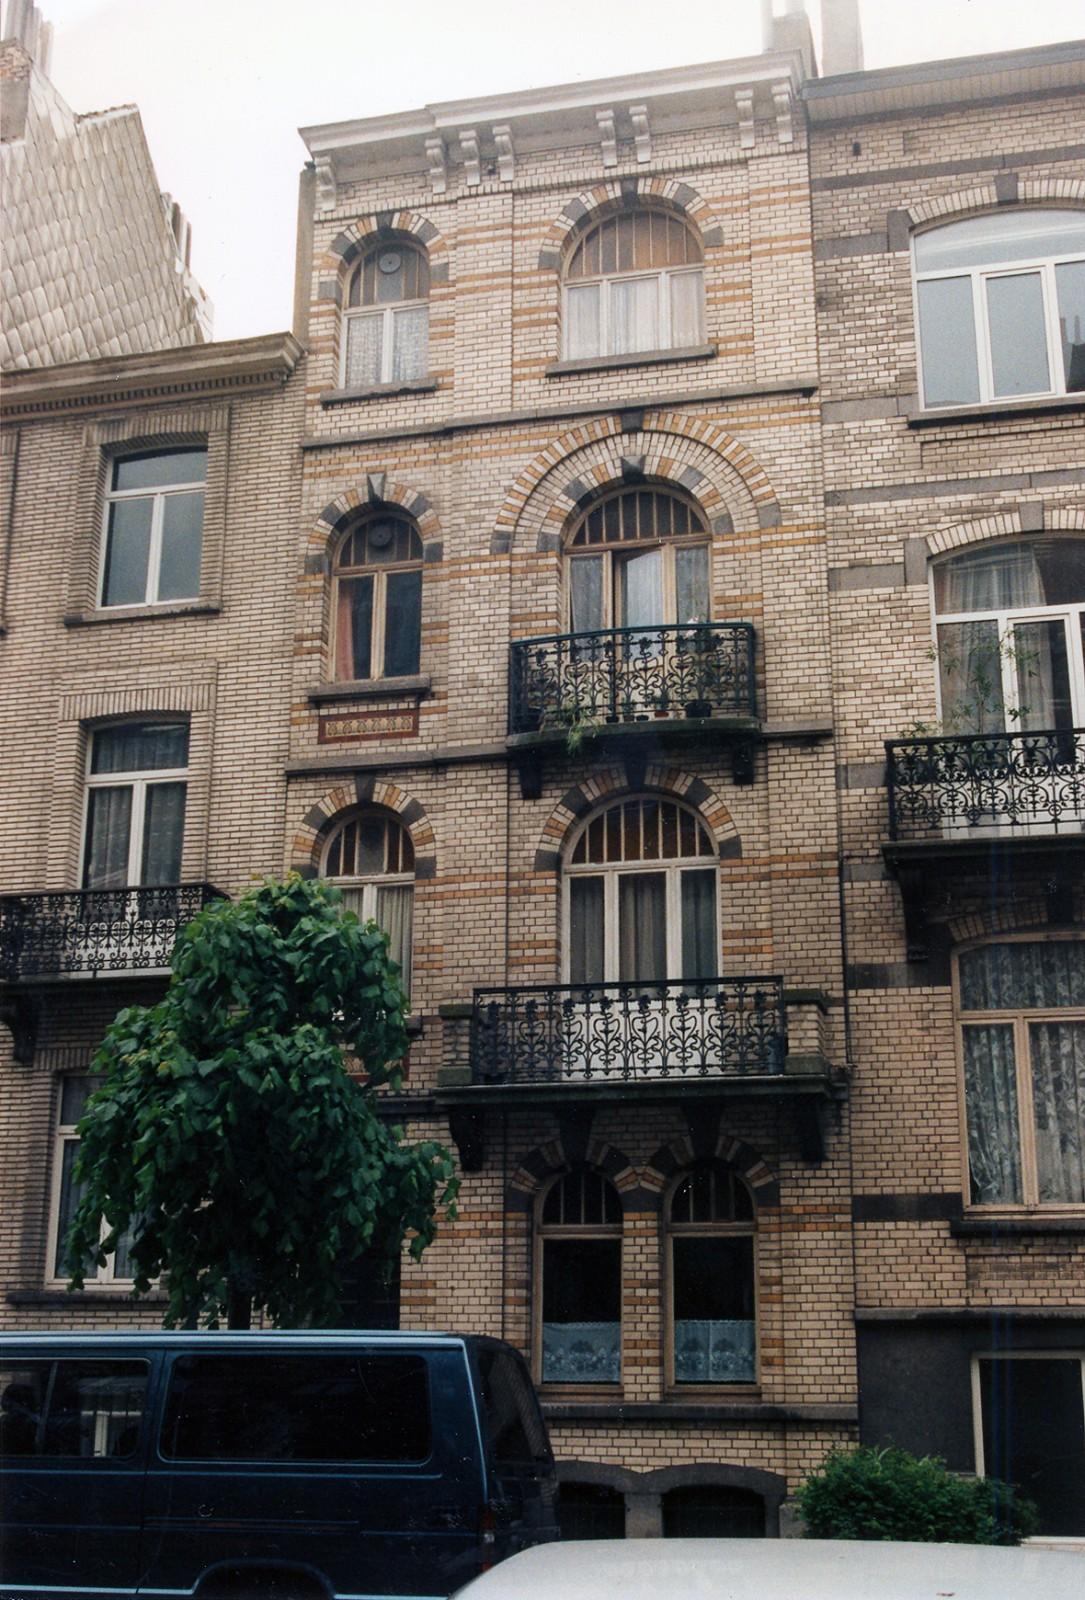 Avenue des Villas 16., 1995